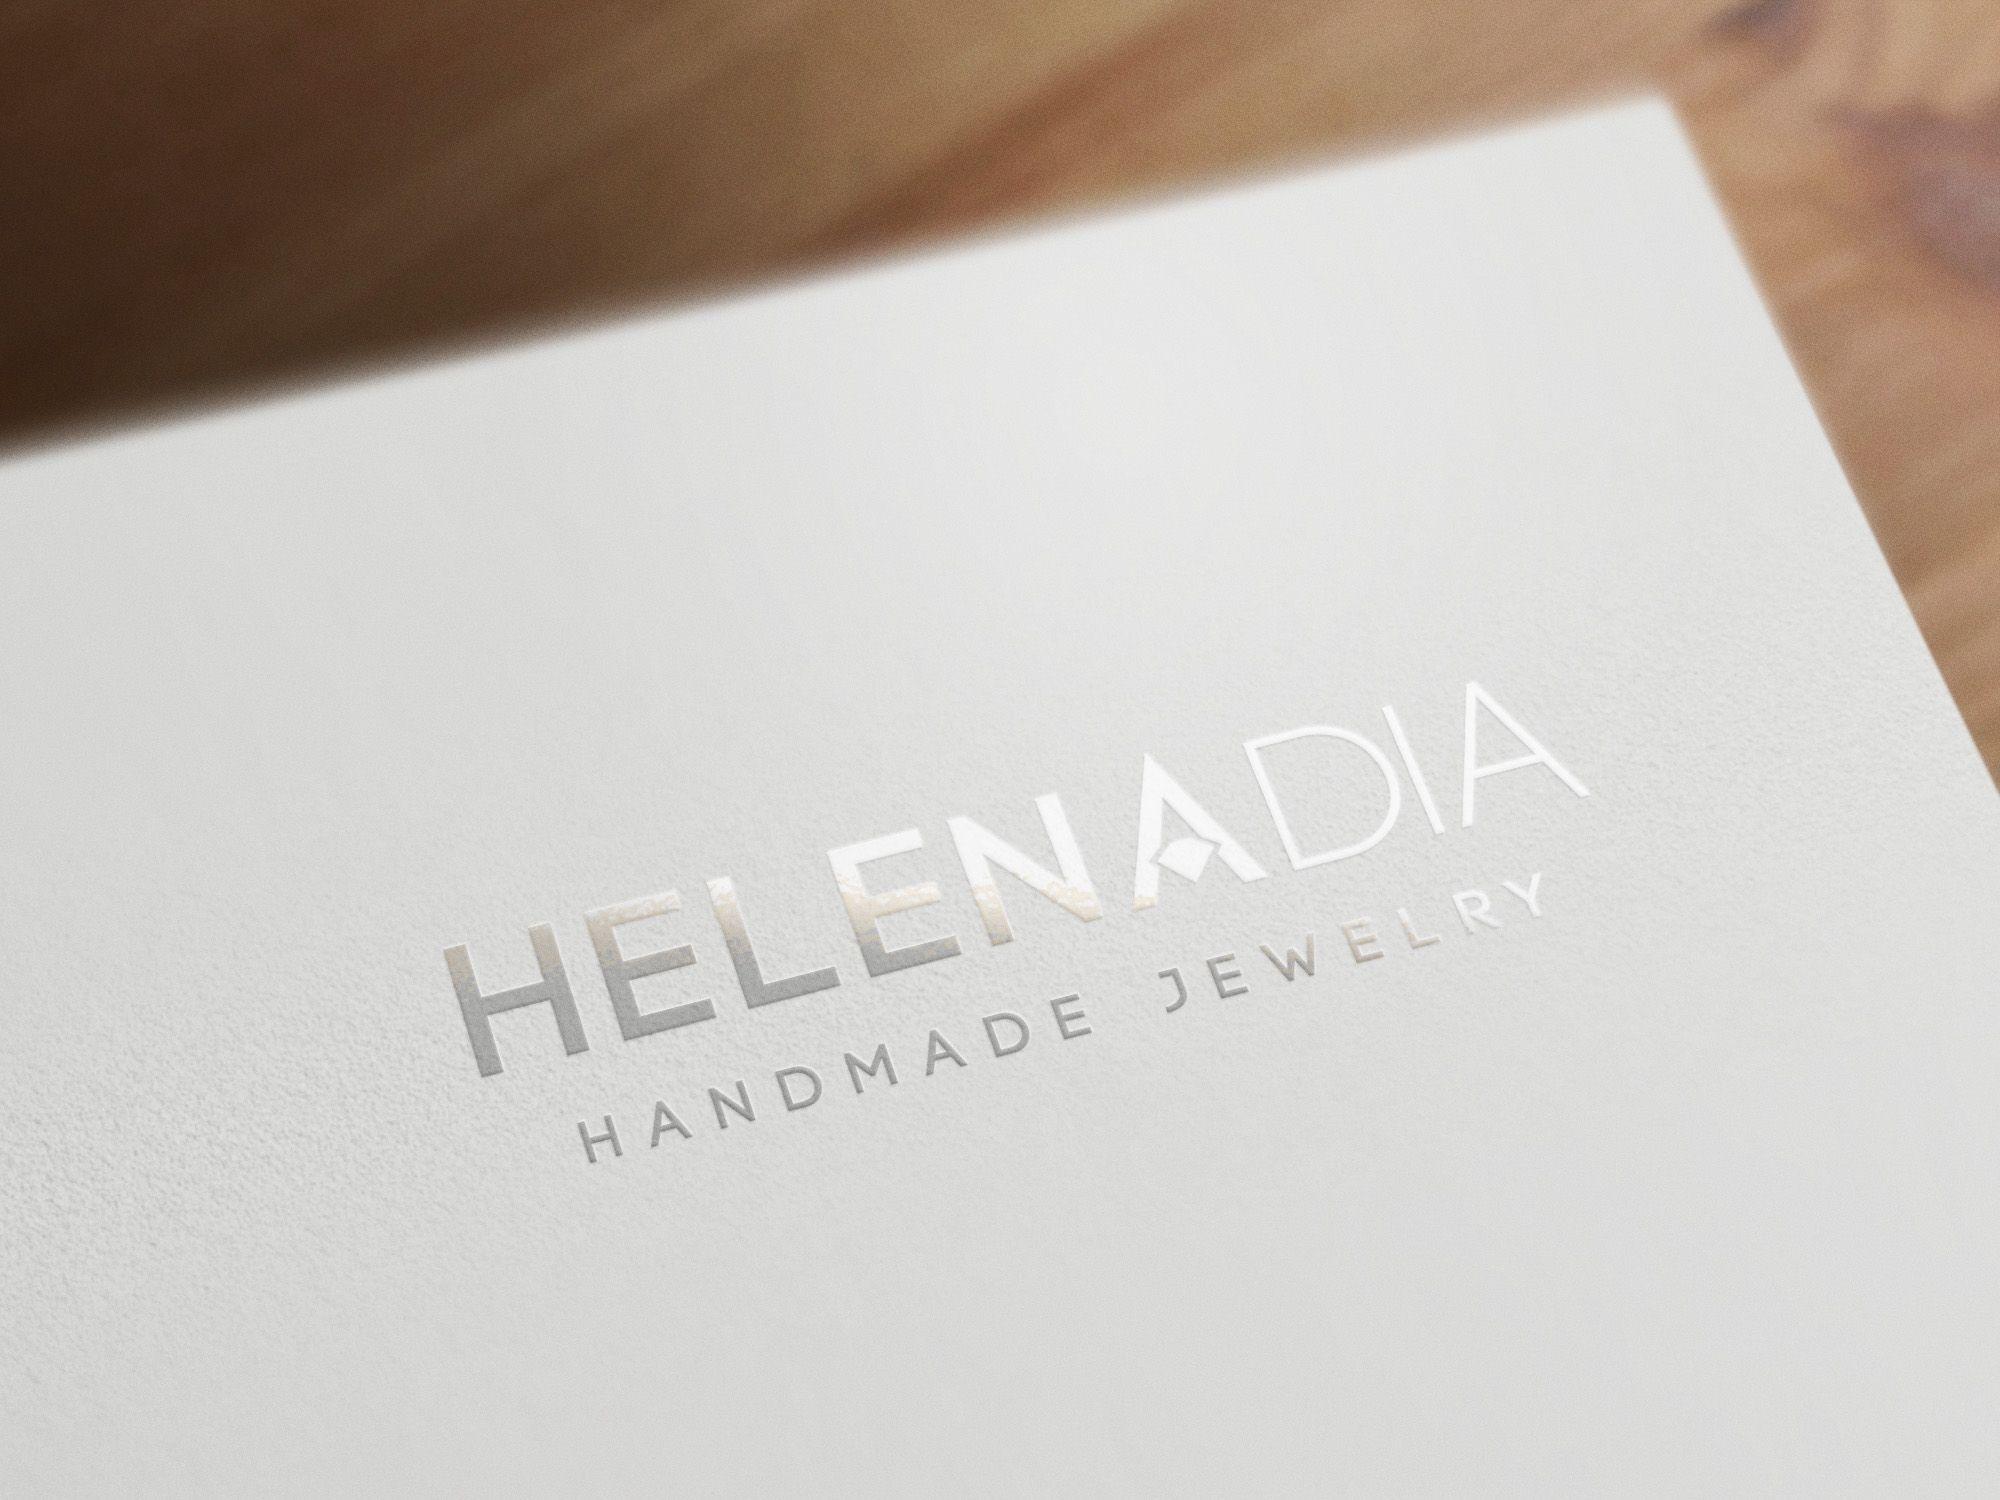 Handmade Jewelry Logo Ideas | www.imgkid.com - The Image ...